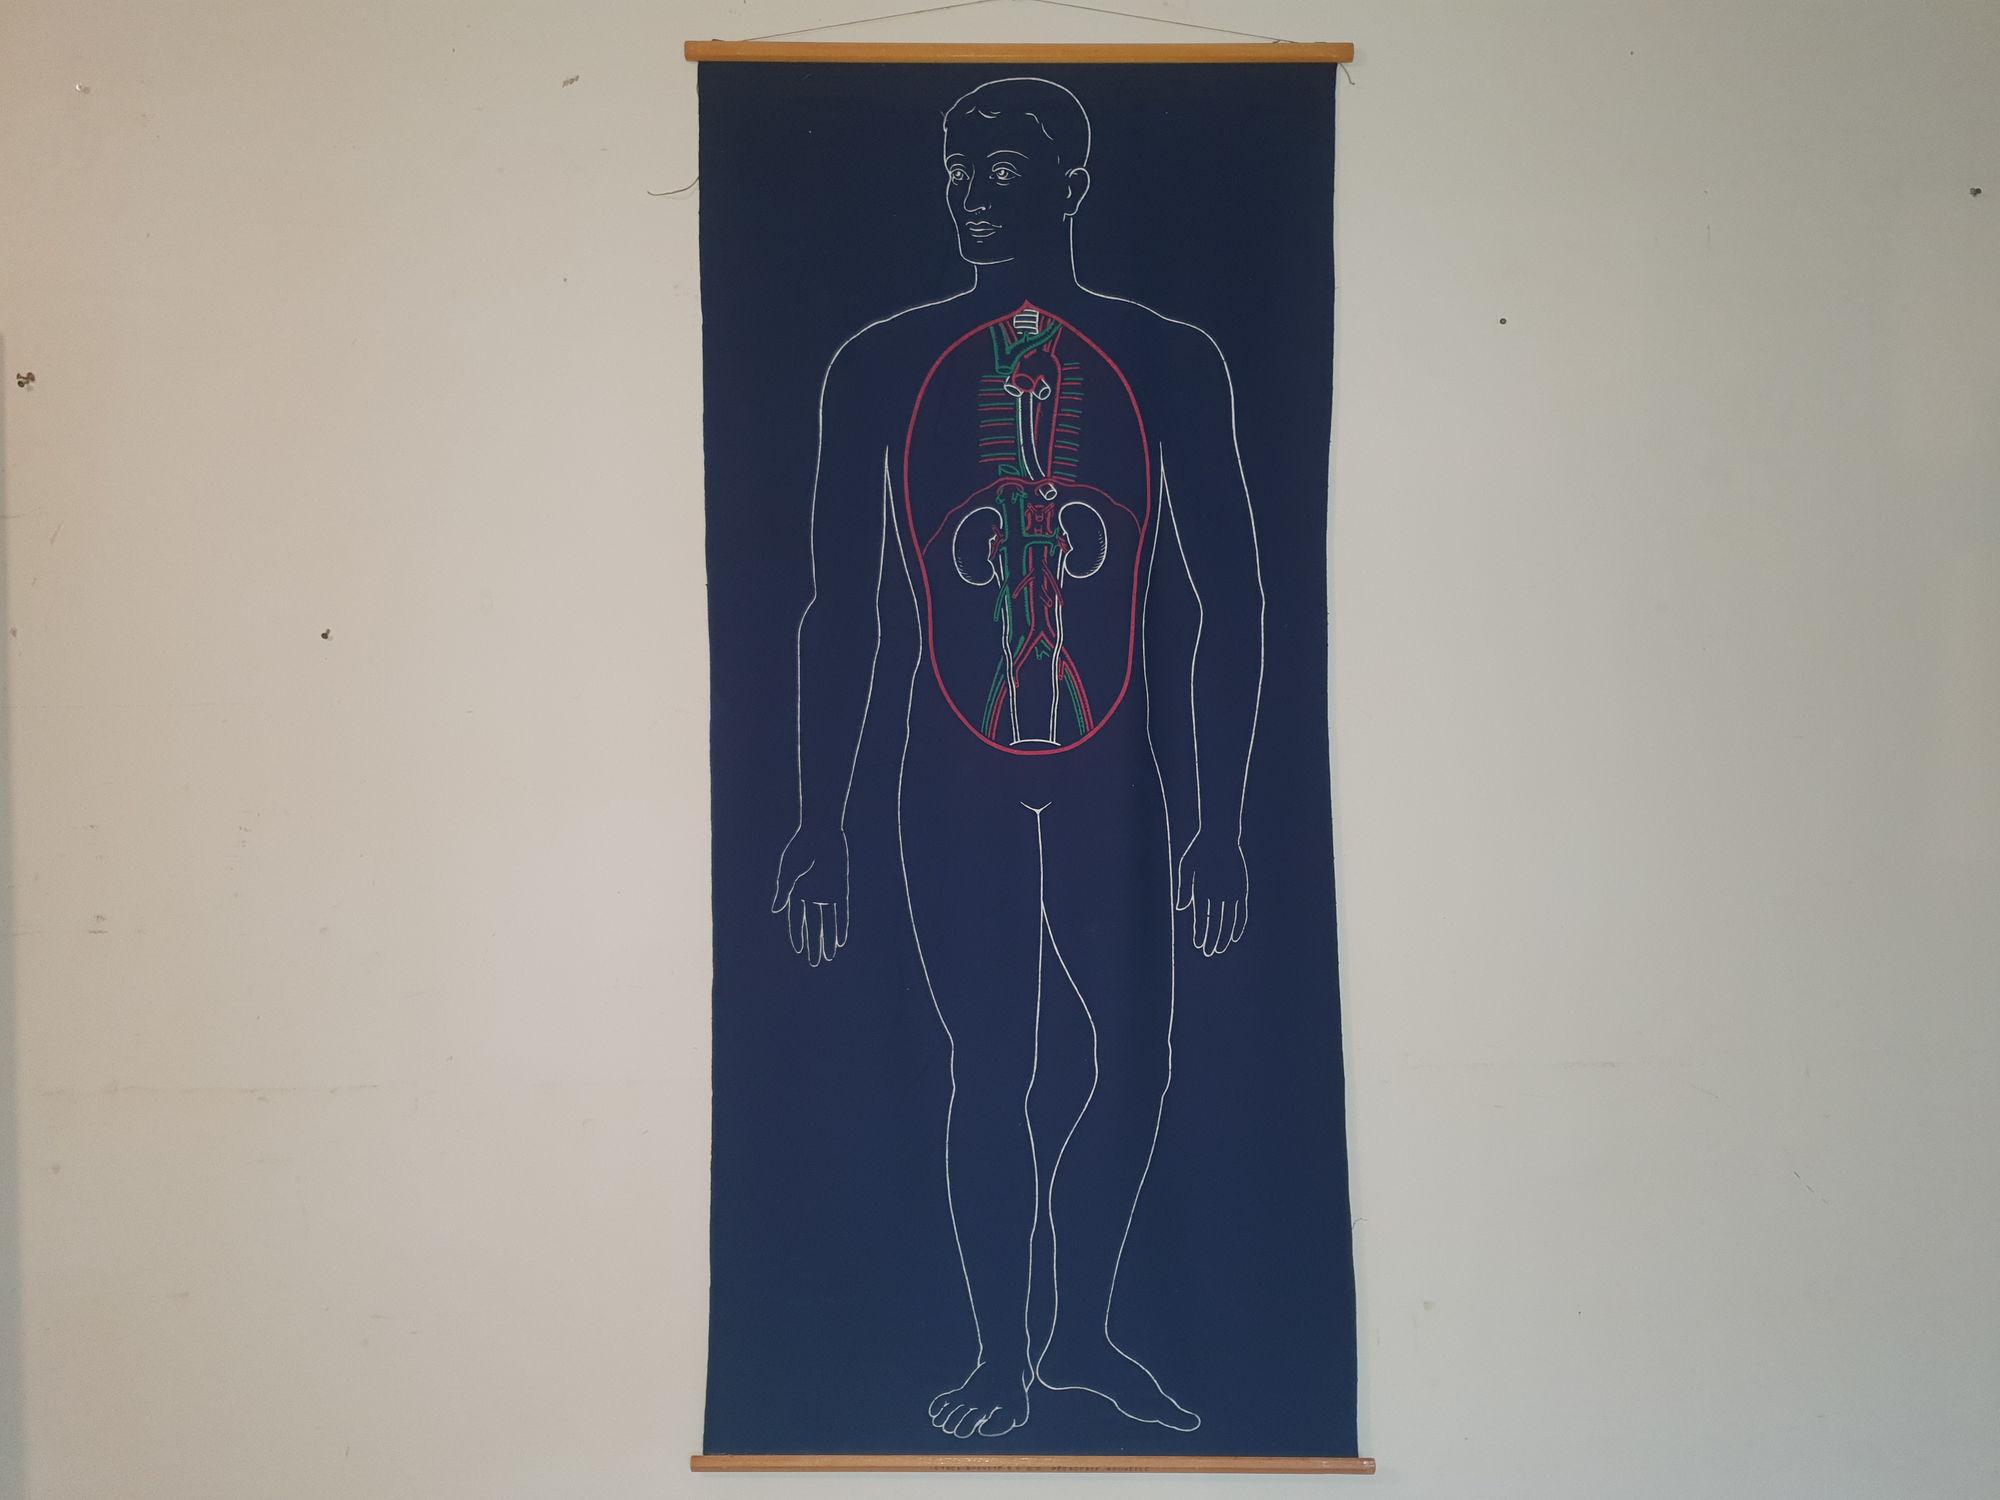 Schoolkaart menselijk lichaam